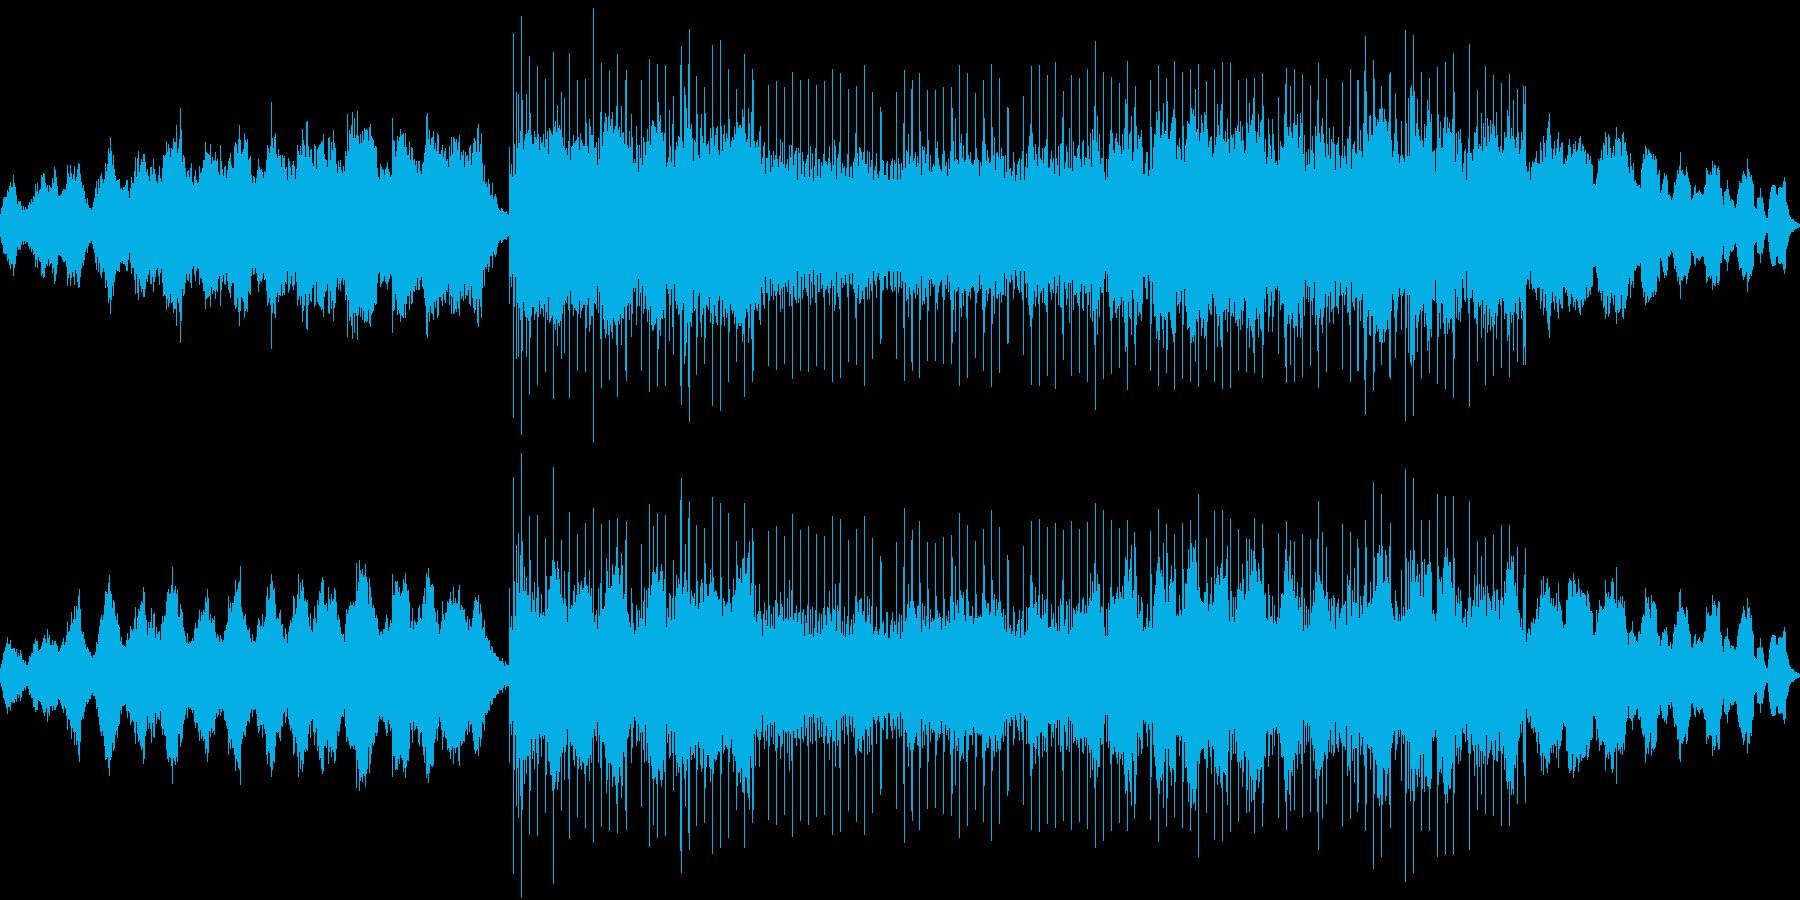 アンビエント音から始まるエレクトロニカの再生済みの波形